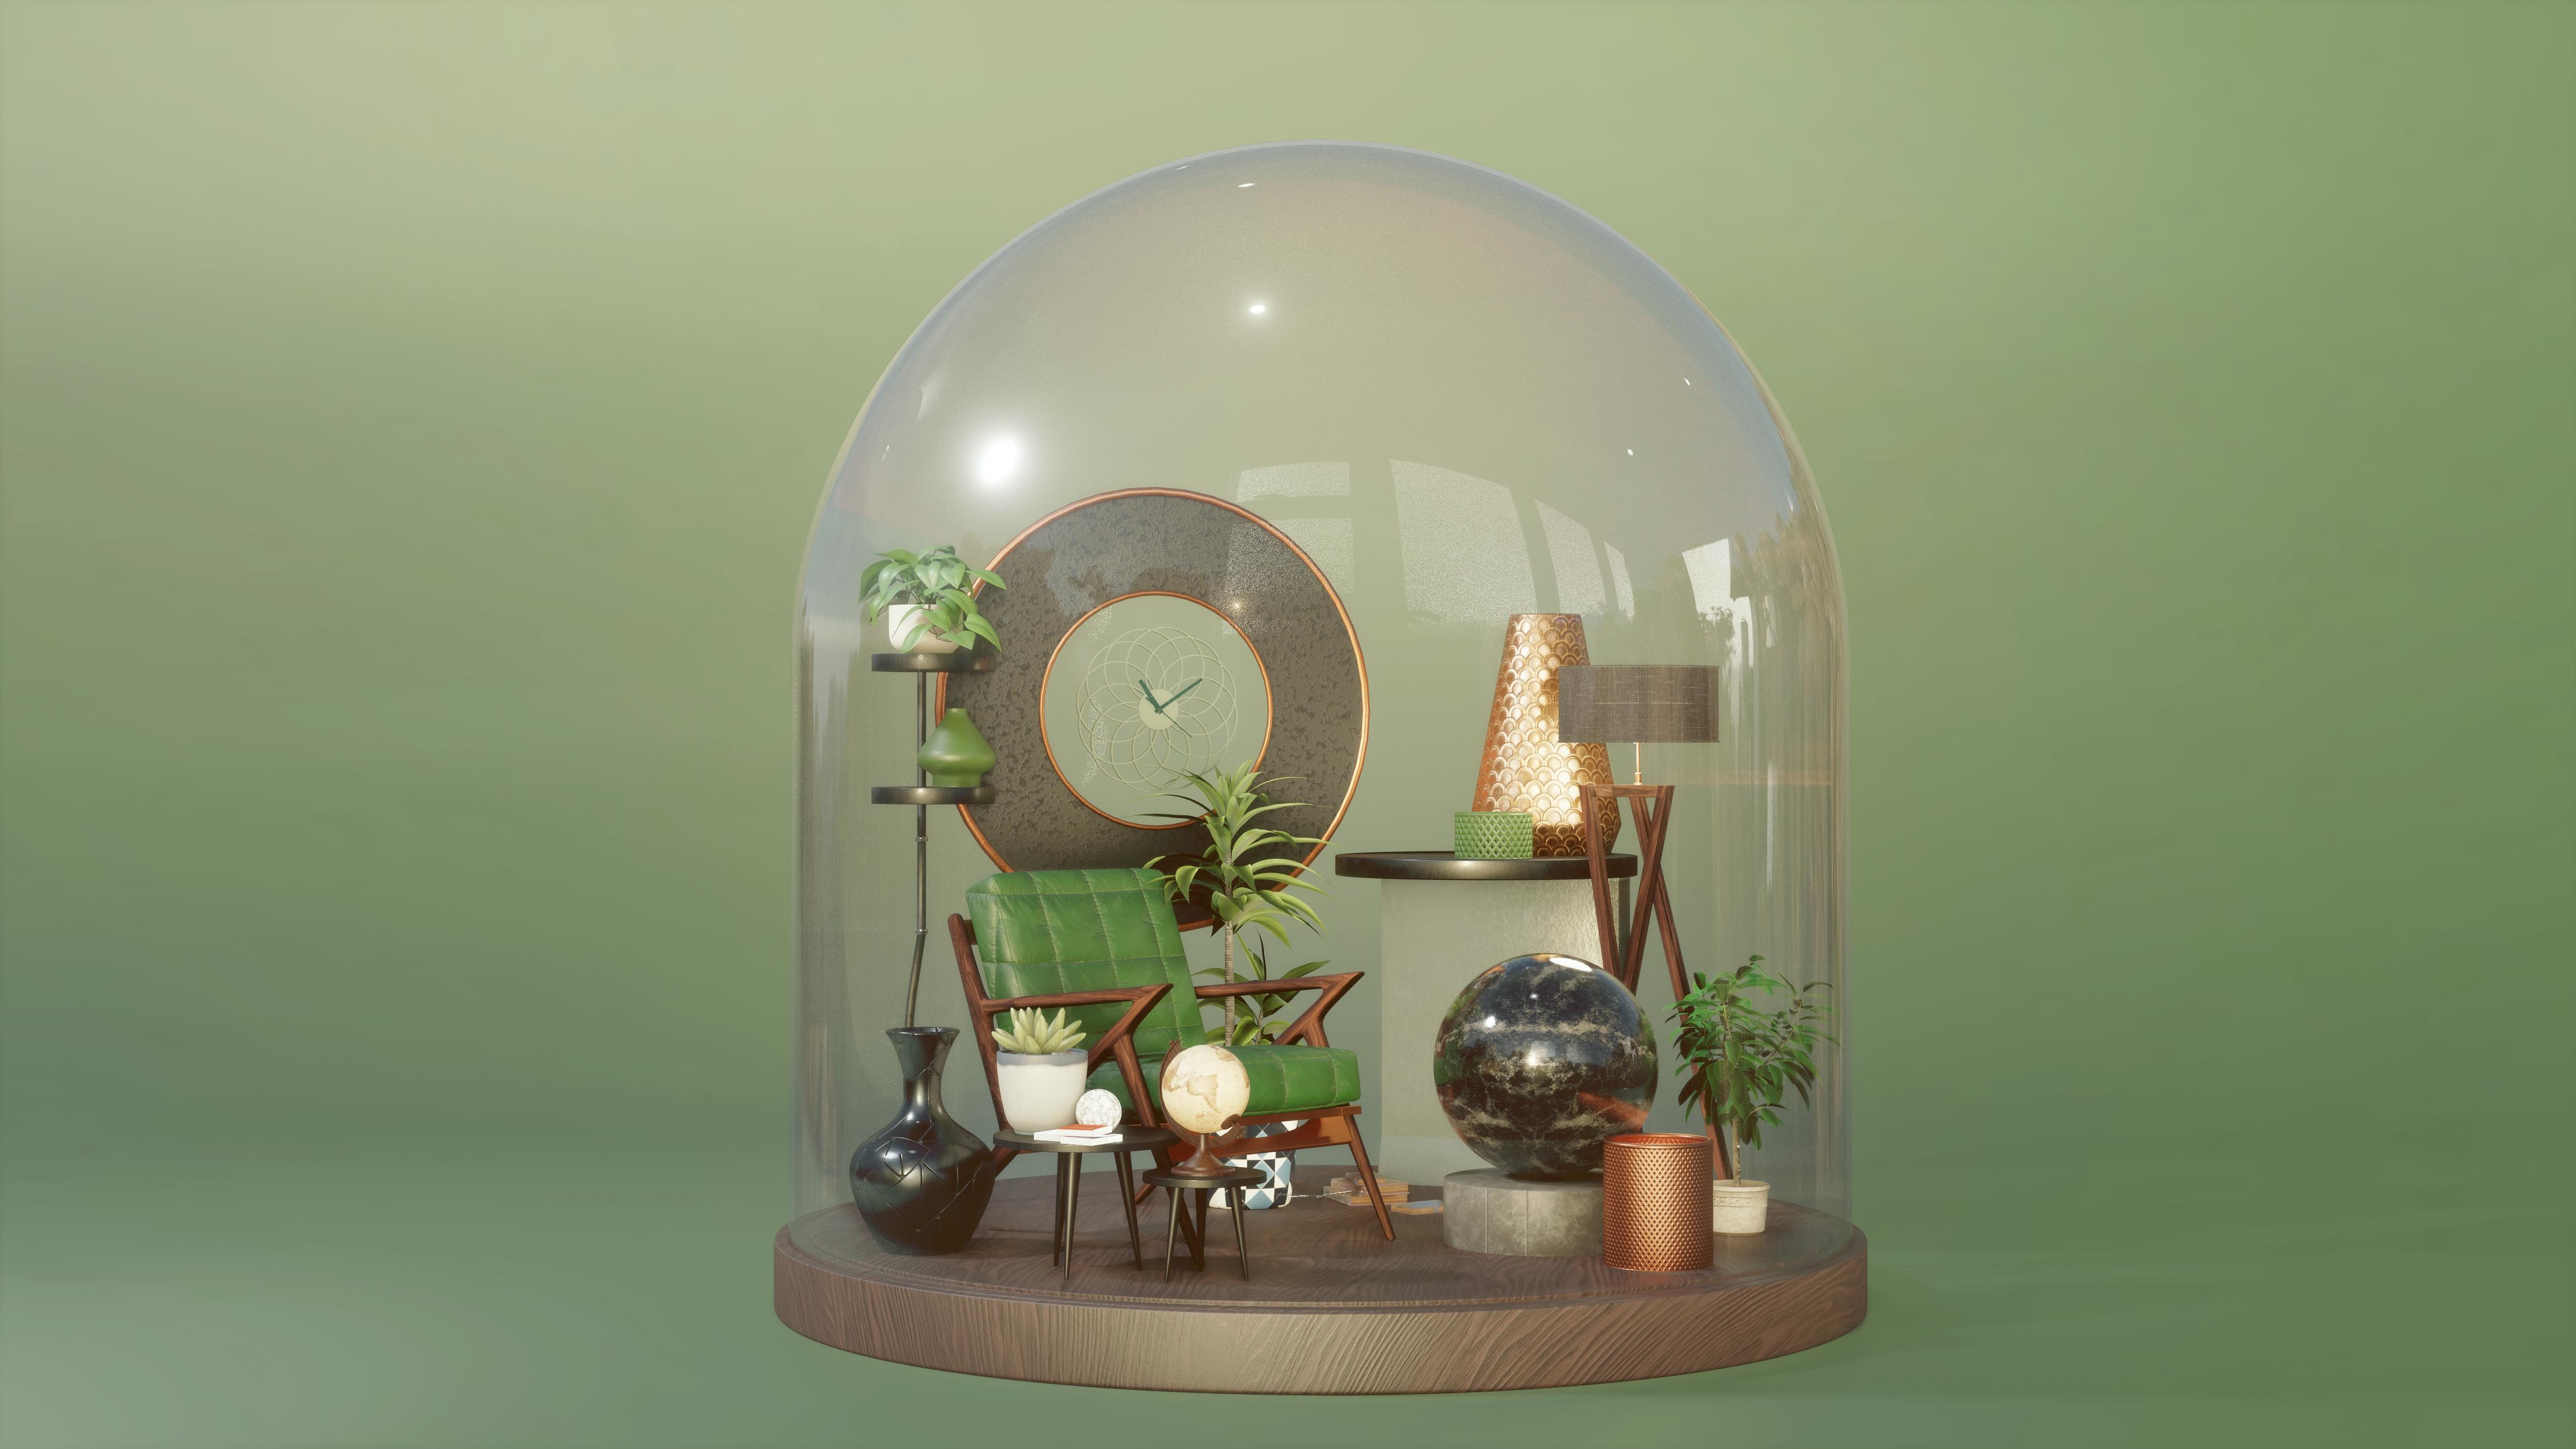 Appart maison plante bureaux 3d miniature laurent meriaux graphiste clermont ferrand